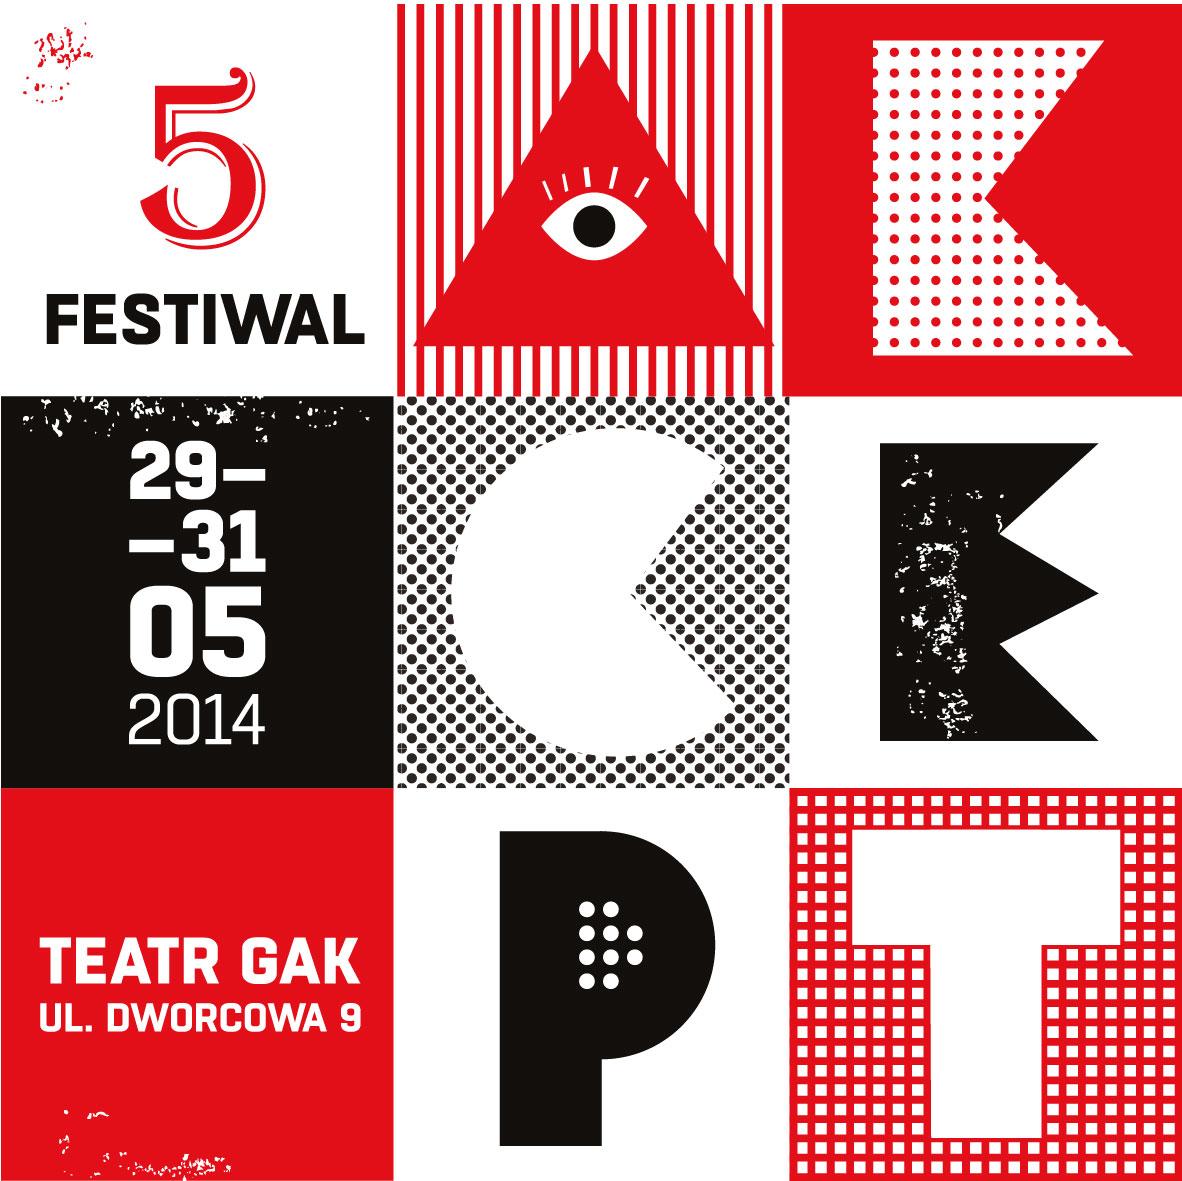 Festiwal Akcept (źródło: materiały prasowe)